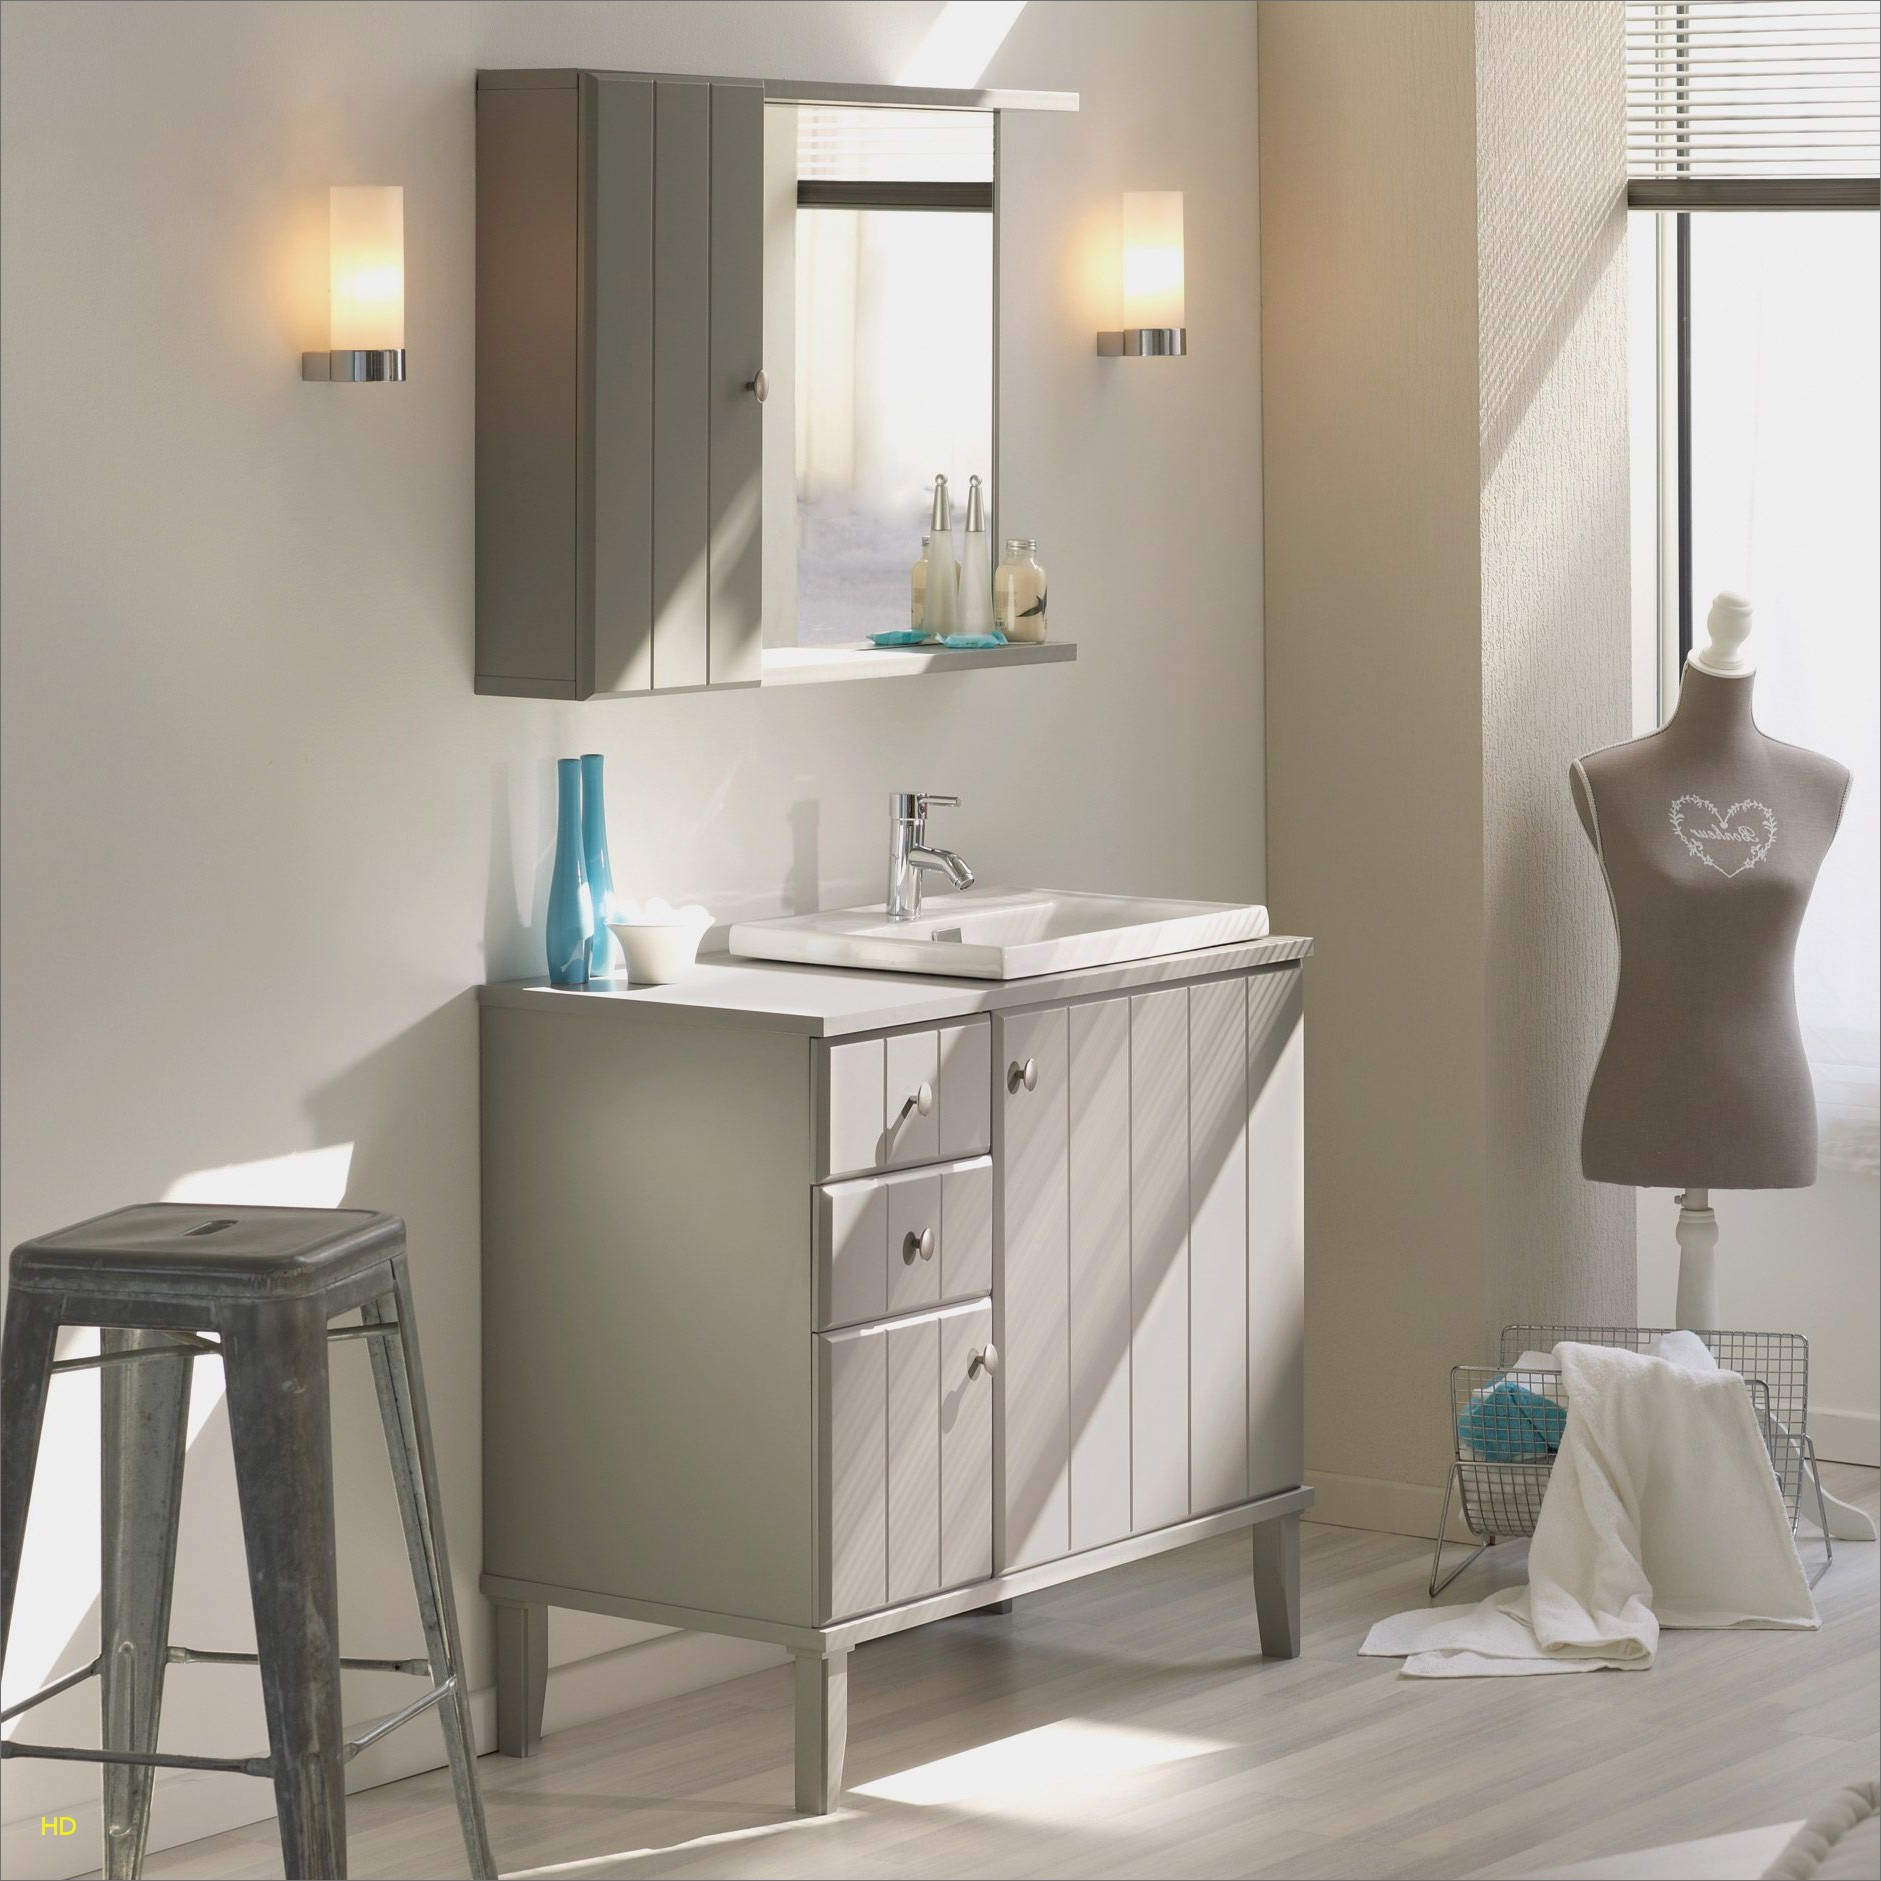 Armoire De toilette Miroir Castorama Beau Galerie Miroir Castorama Salle De Bain Charmant Salle De Bains Et Wc – the